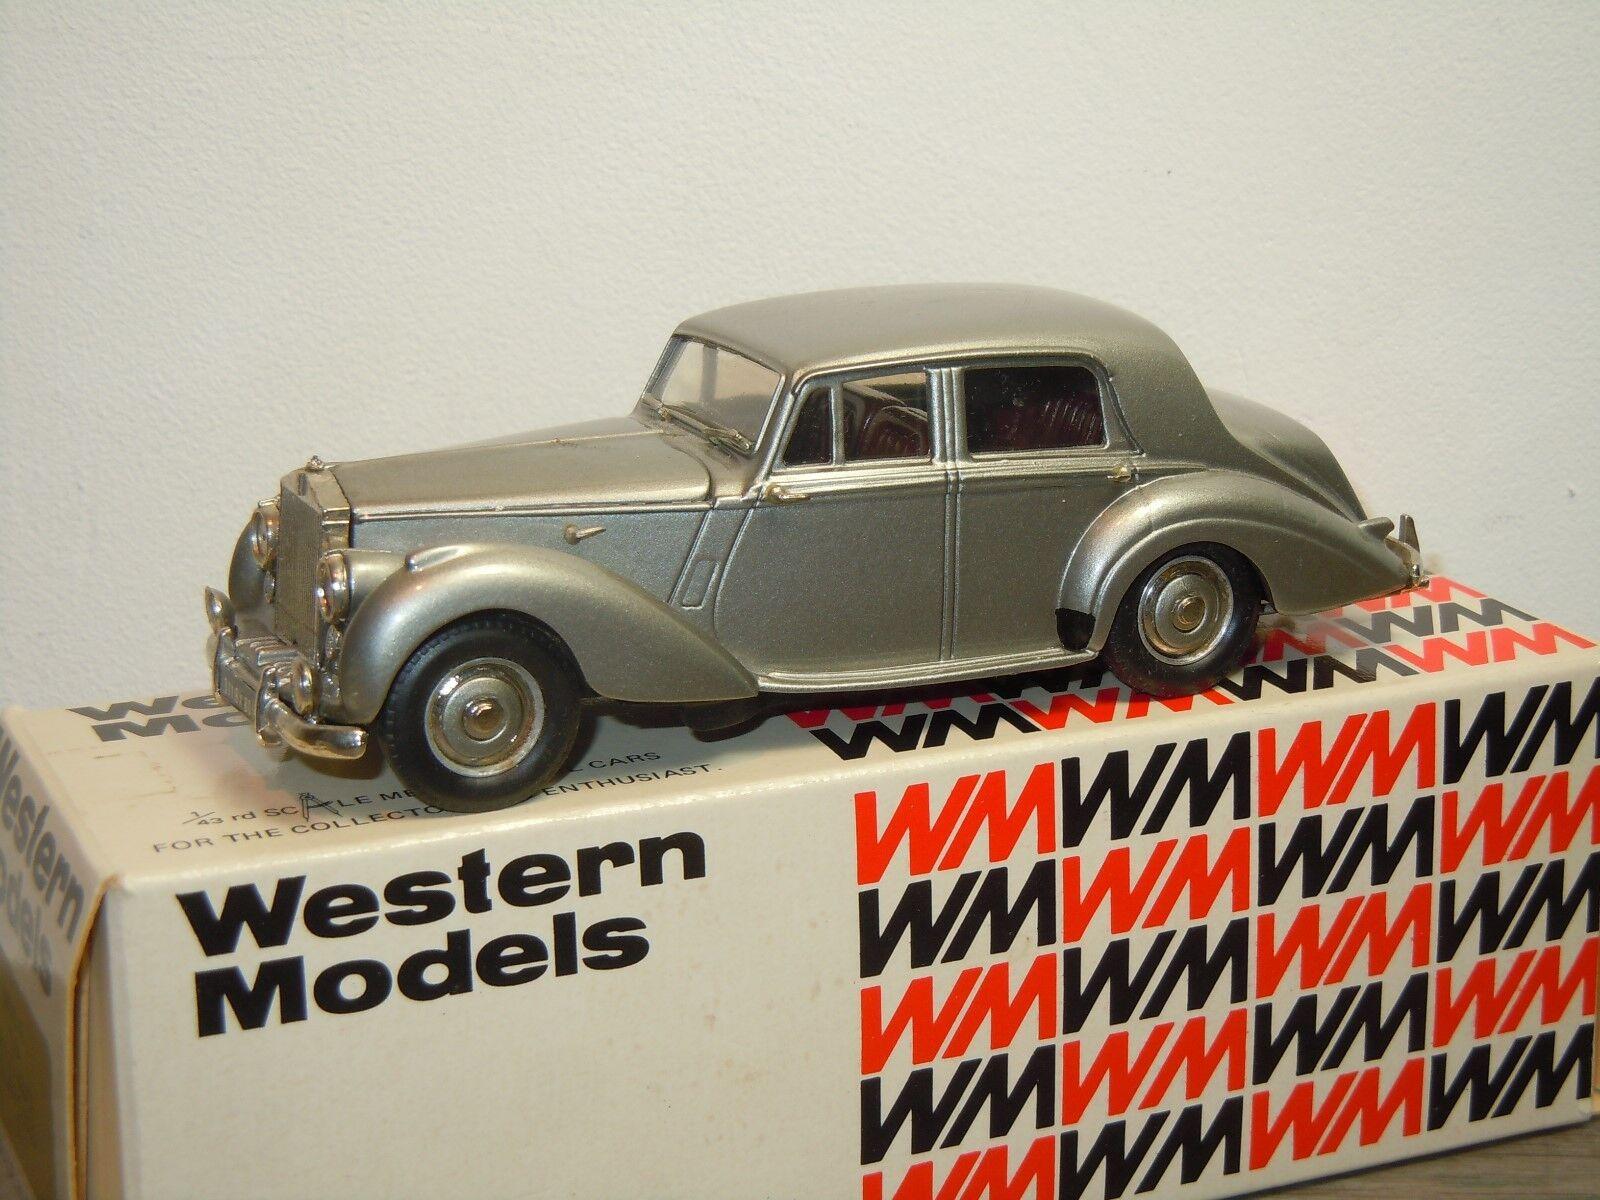 Rolls Royce plata Dawn 1949 - Western Models WMS 57 England 1 43 in Box 35681